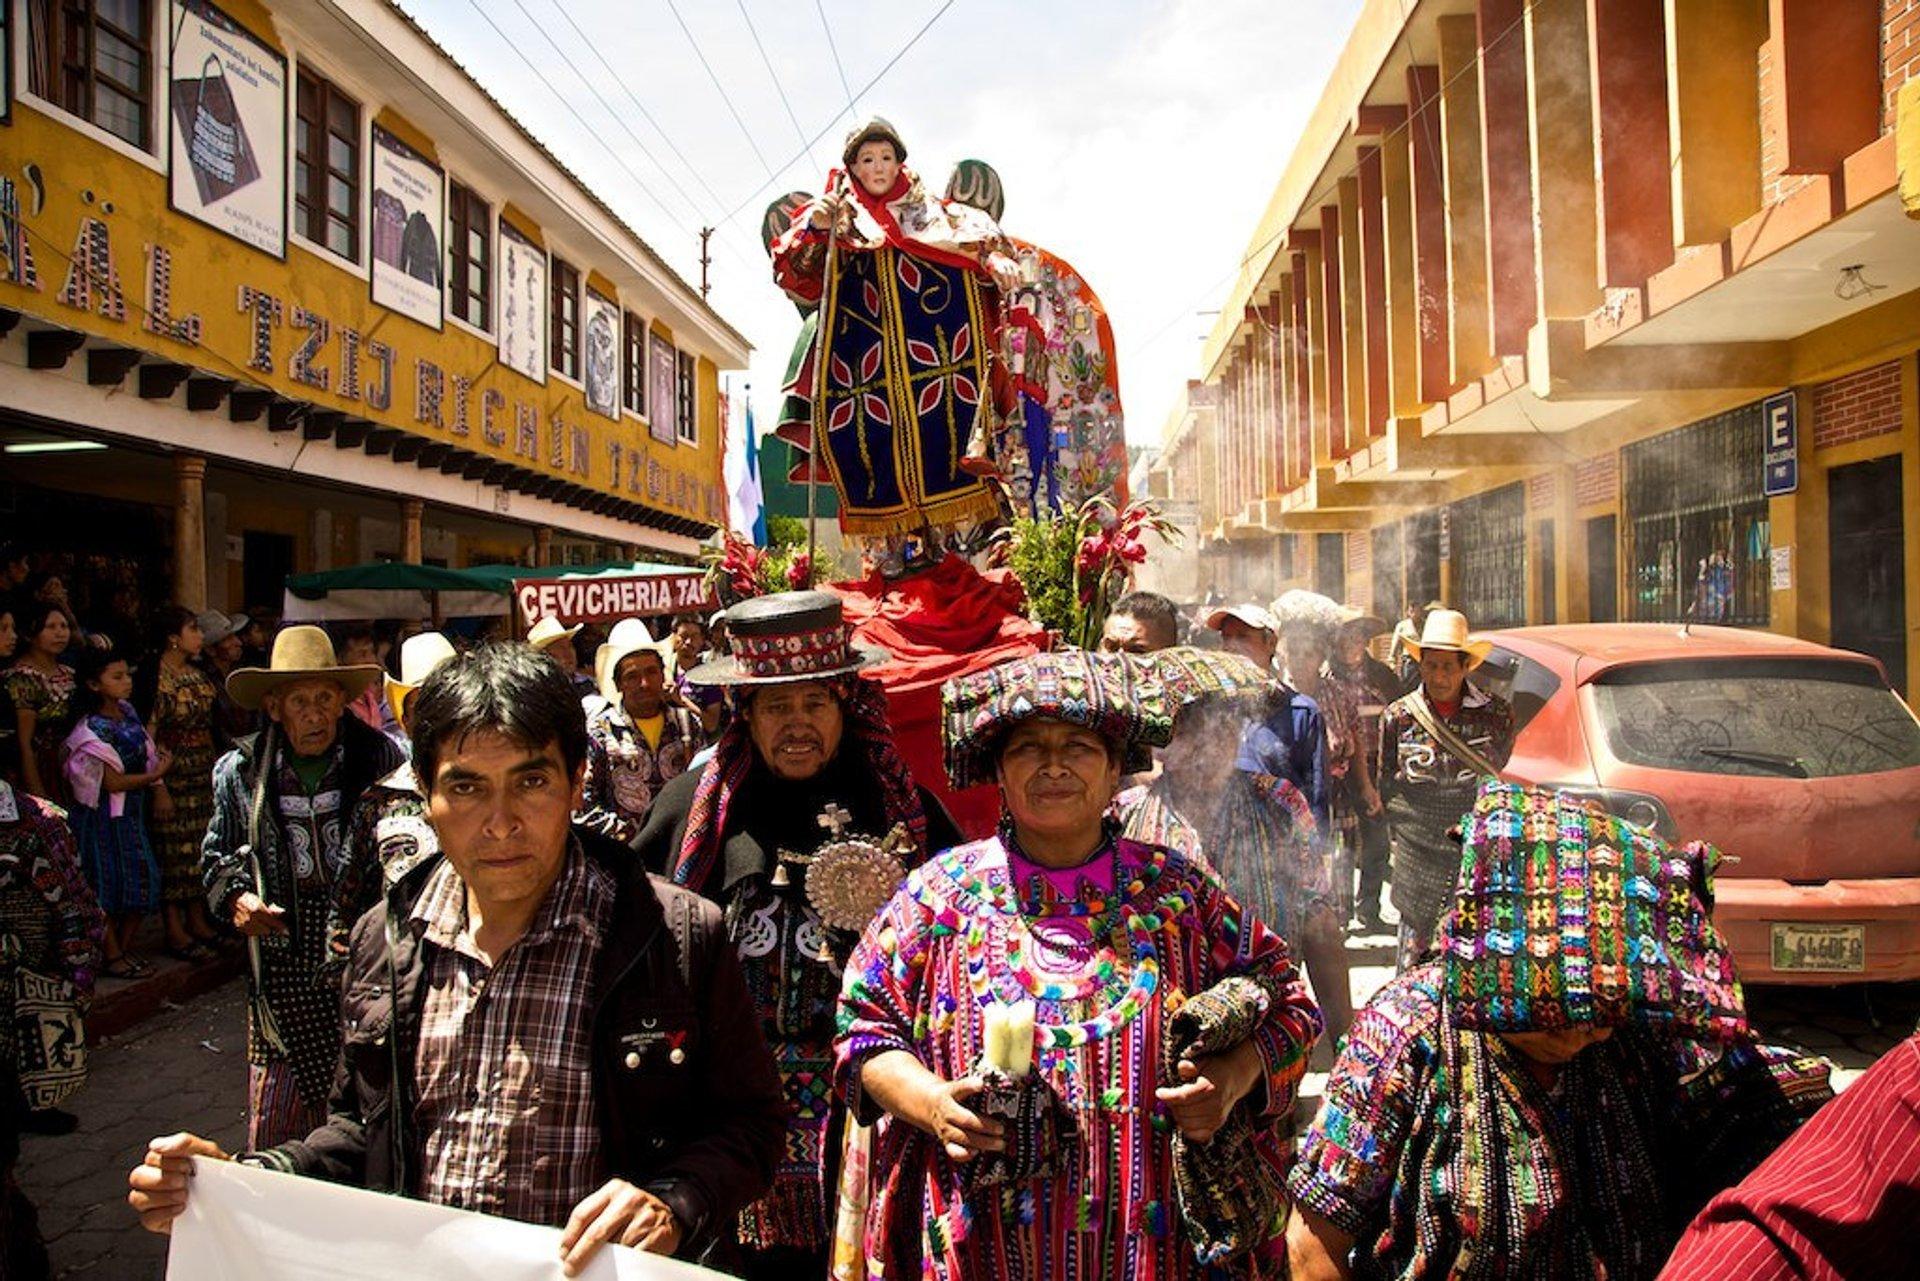 Día de la Asunción in Guatemala 2020 - Best Time